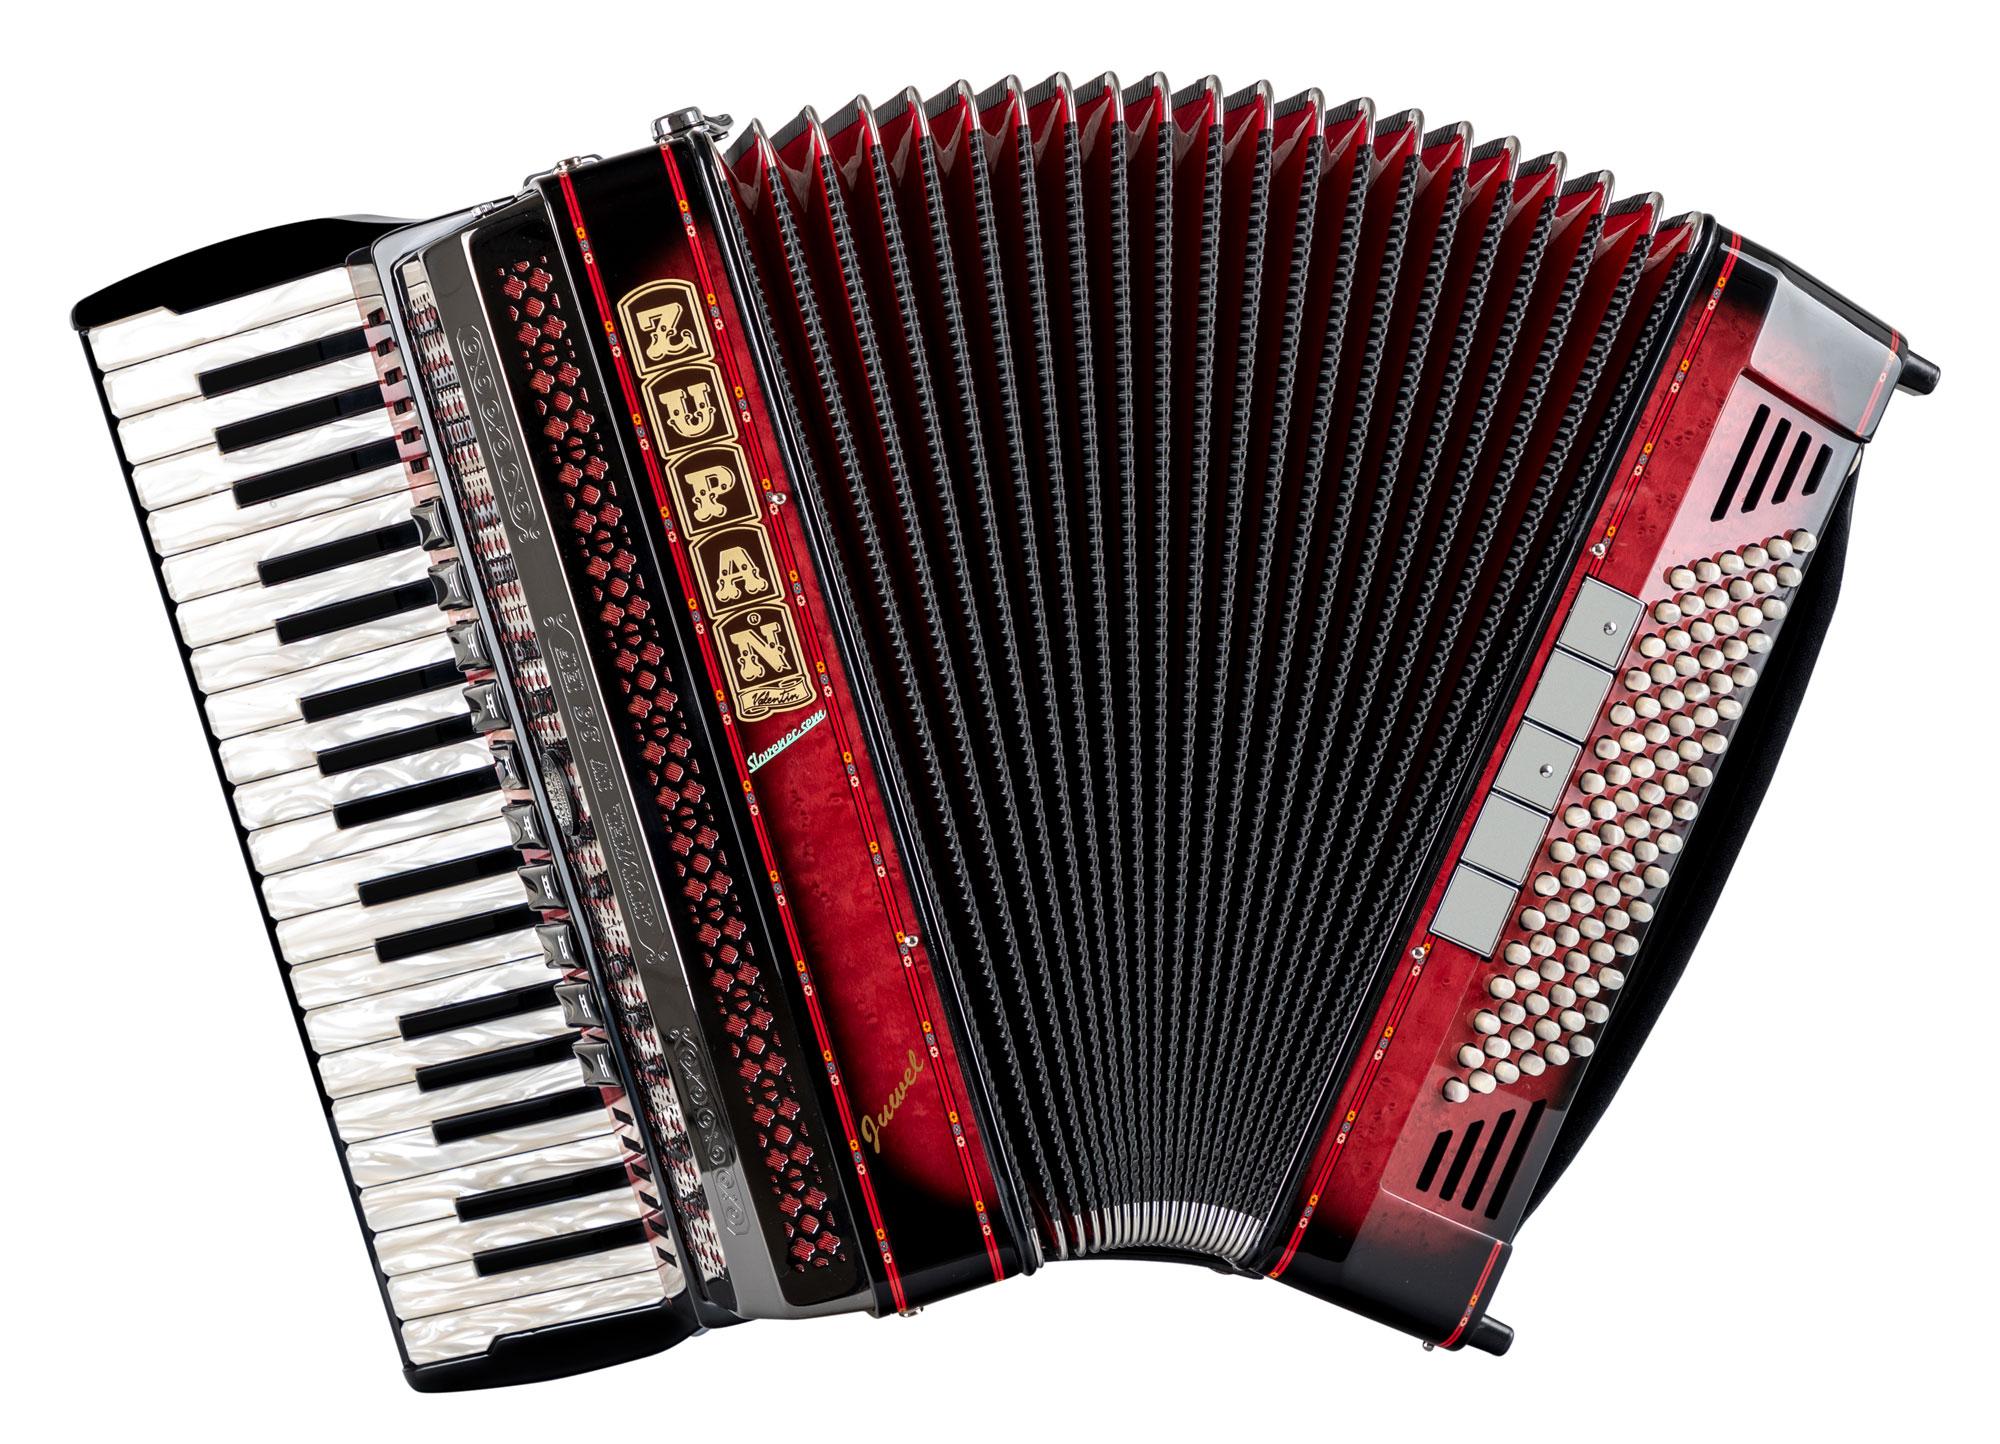 Akkordeons - Zupan Juwel IV 96 EF MHR Cassotto Akkordeon Shadow Red Retoure (Zustand wie neu) - Onlineshop Musikhaus Kirstein